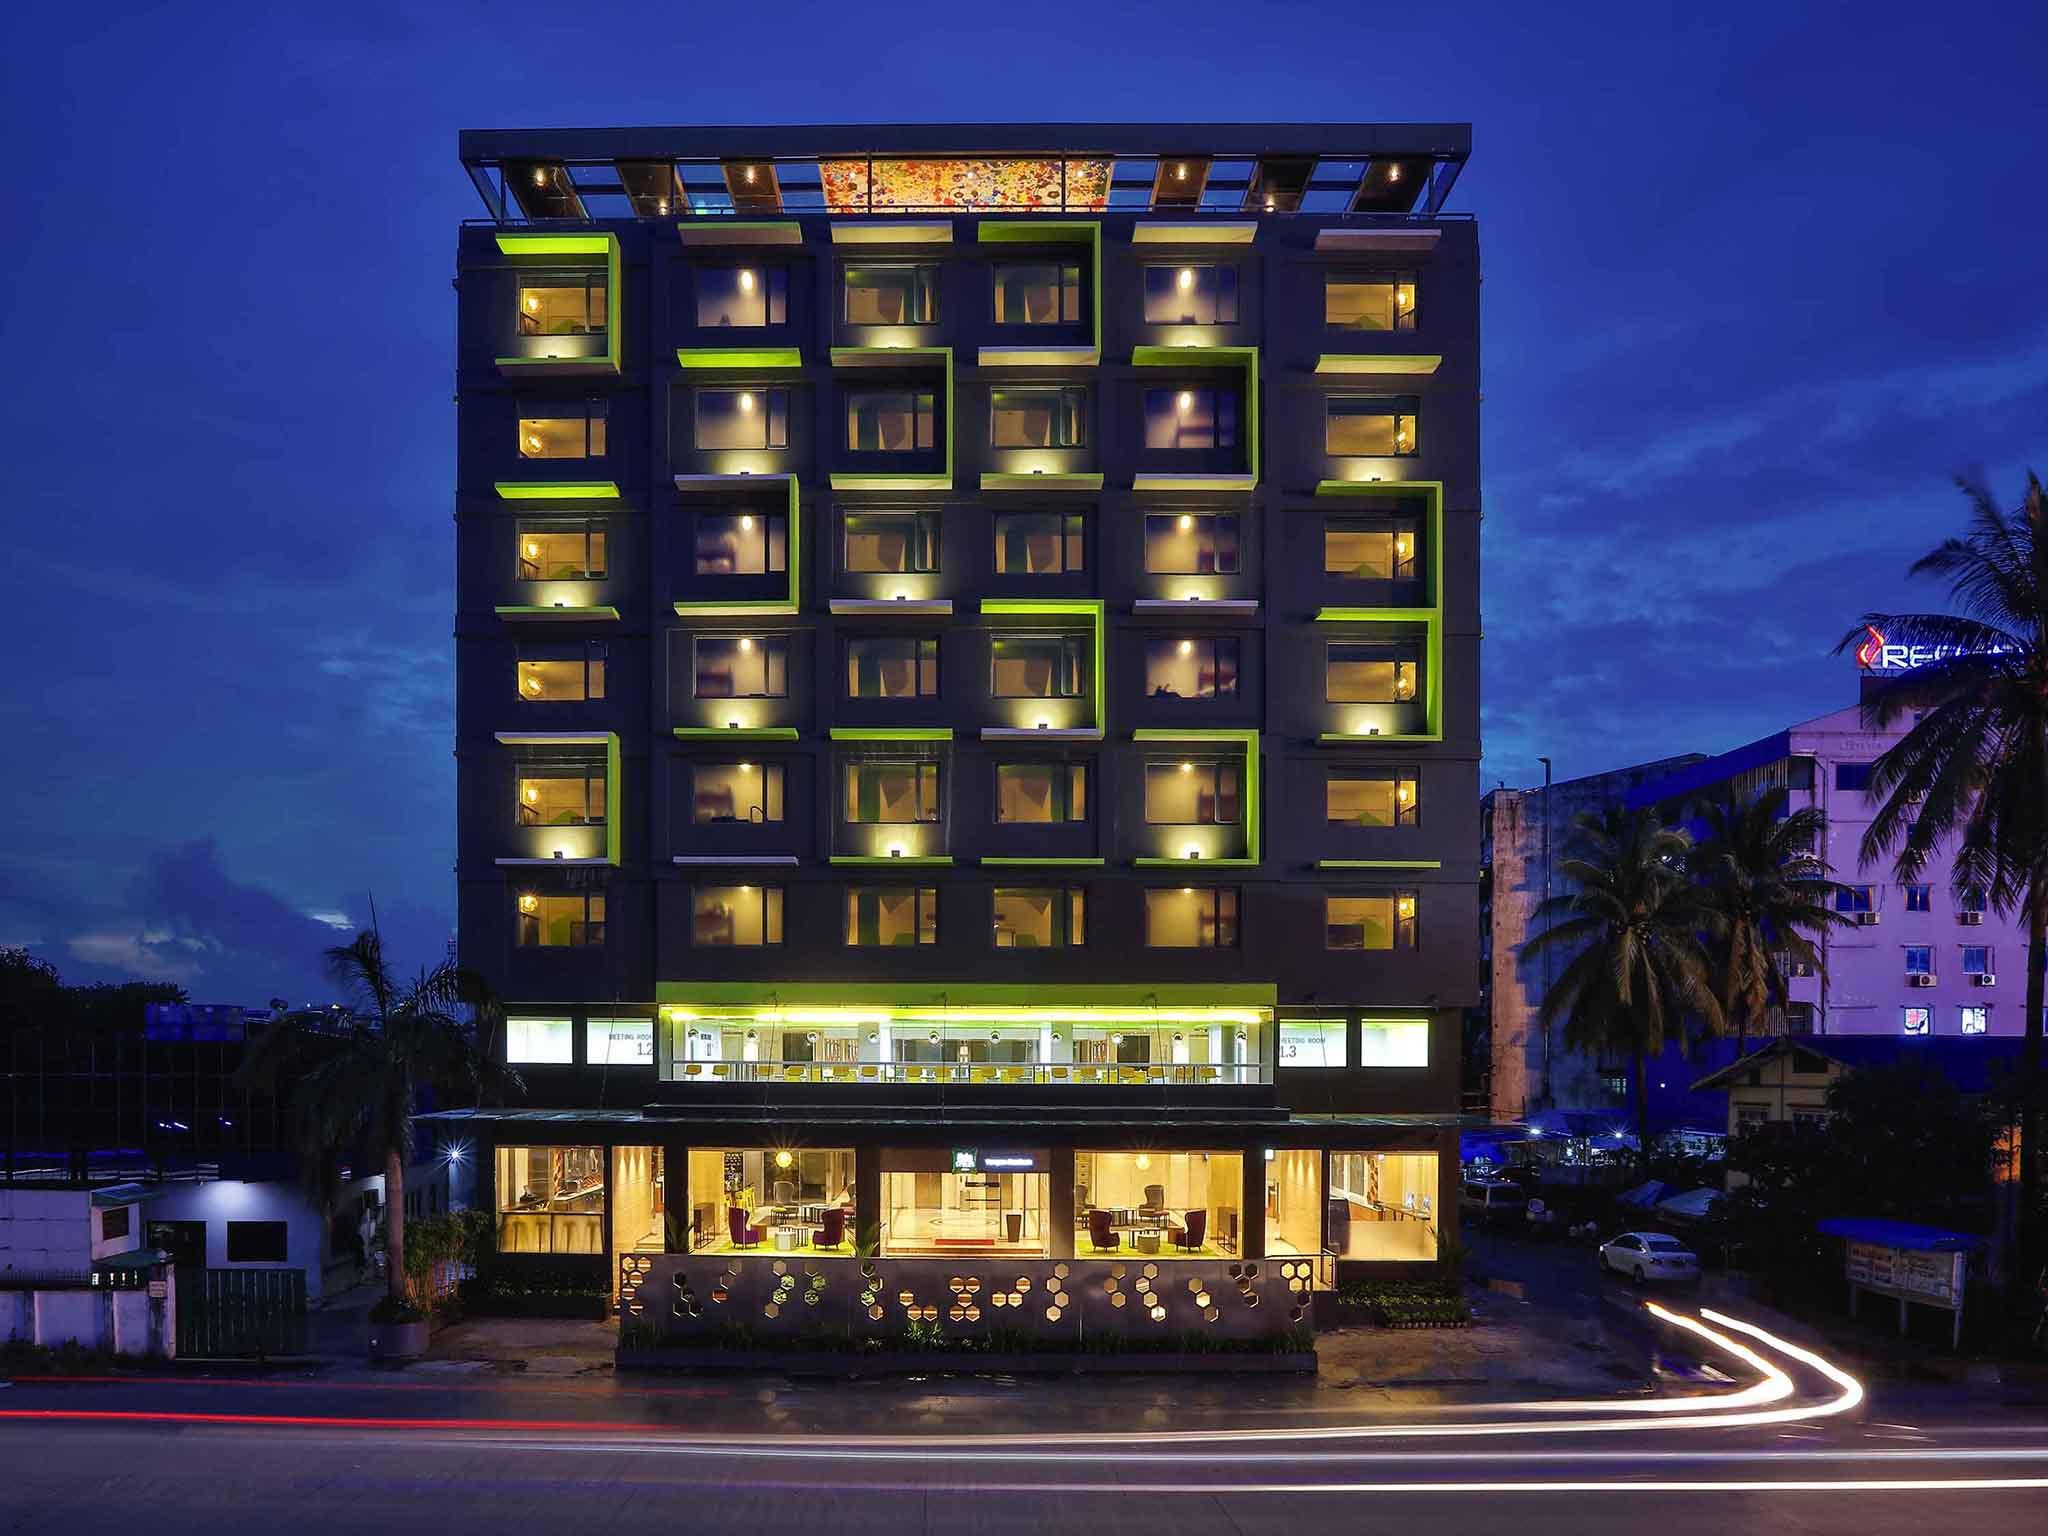 โรงแรม – ไอบิส สไตล์ ย่างกุ้ง สเตเดียม